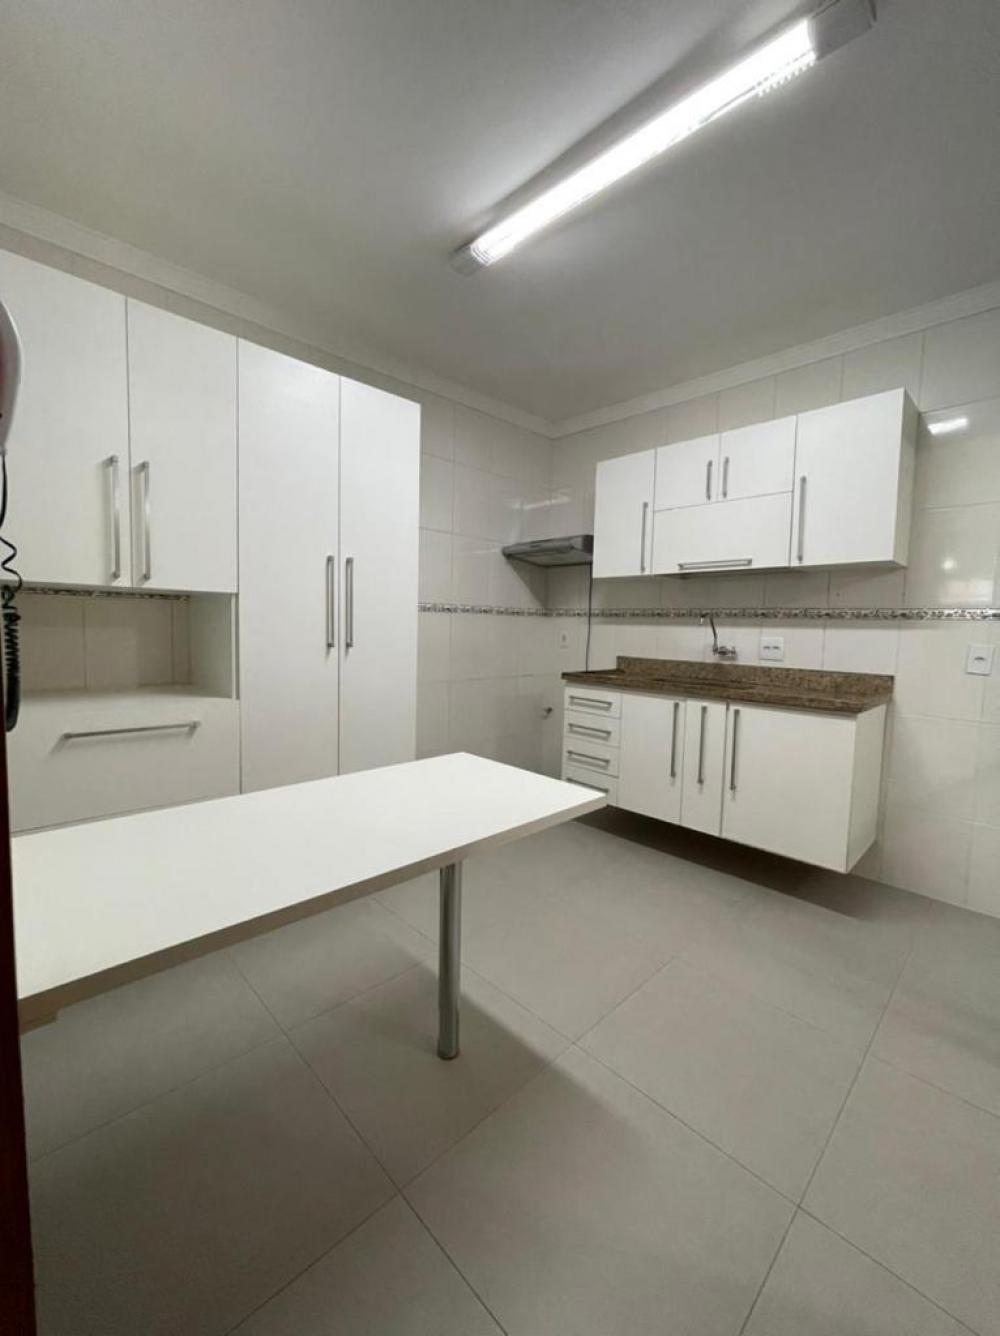 Comprar Apartamento / Padrão em Ribeirão Preto R$ 420.000,00 - Foto 10